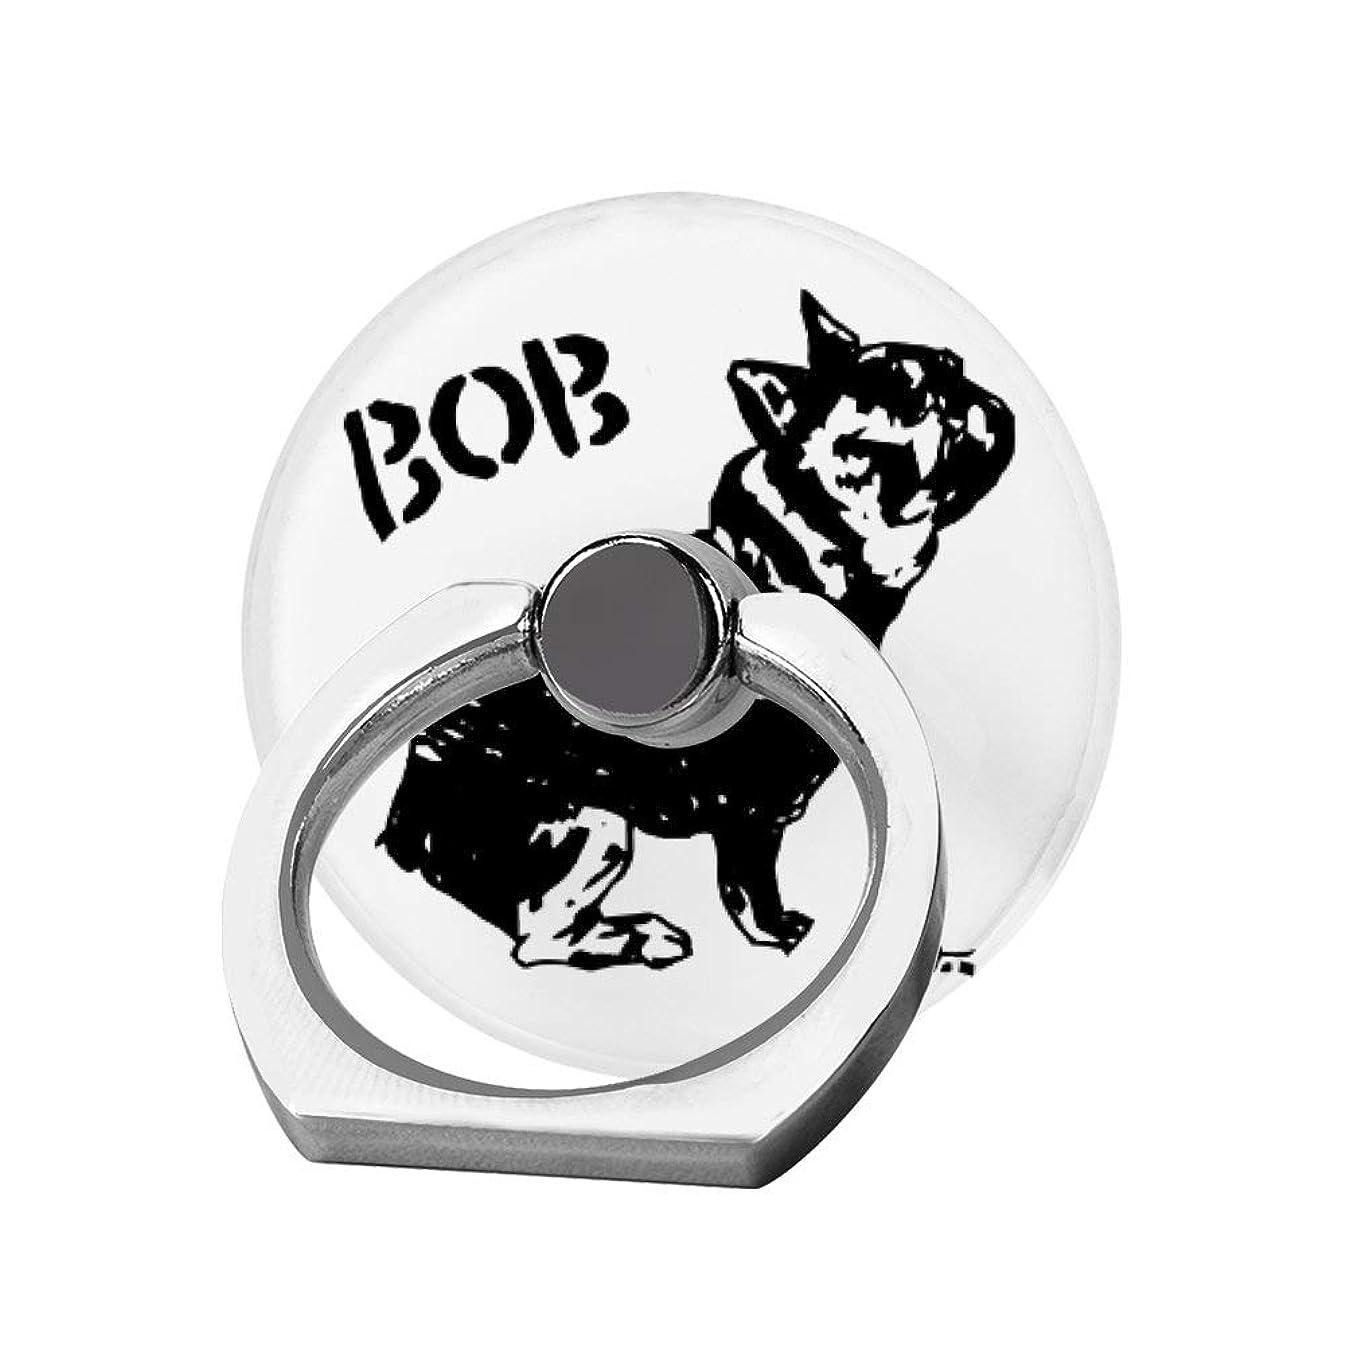 ダルセットゴールオーバーフロースマホリング 携帯リング 指リング 薄型 落下防止 スタンド機能 BOB ボブ ブルドッグ バンカーリング 指輪リング タブレット/各種他対応 360回転 スマホブラケット